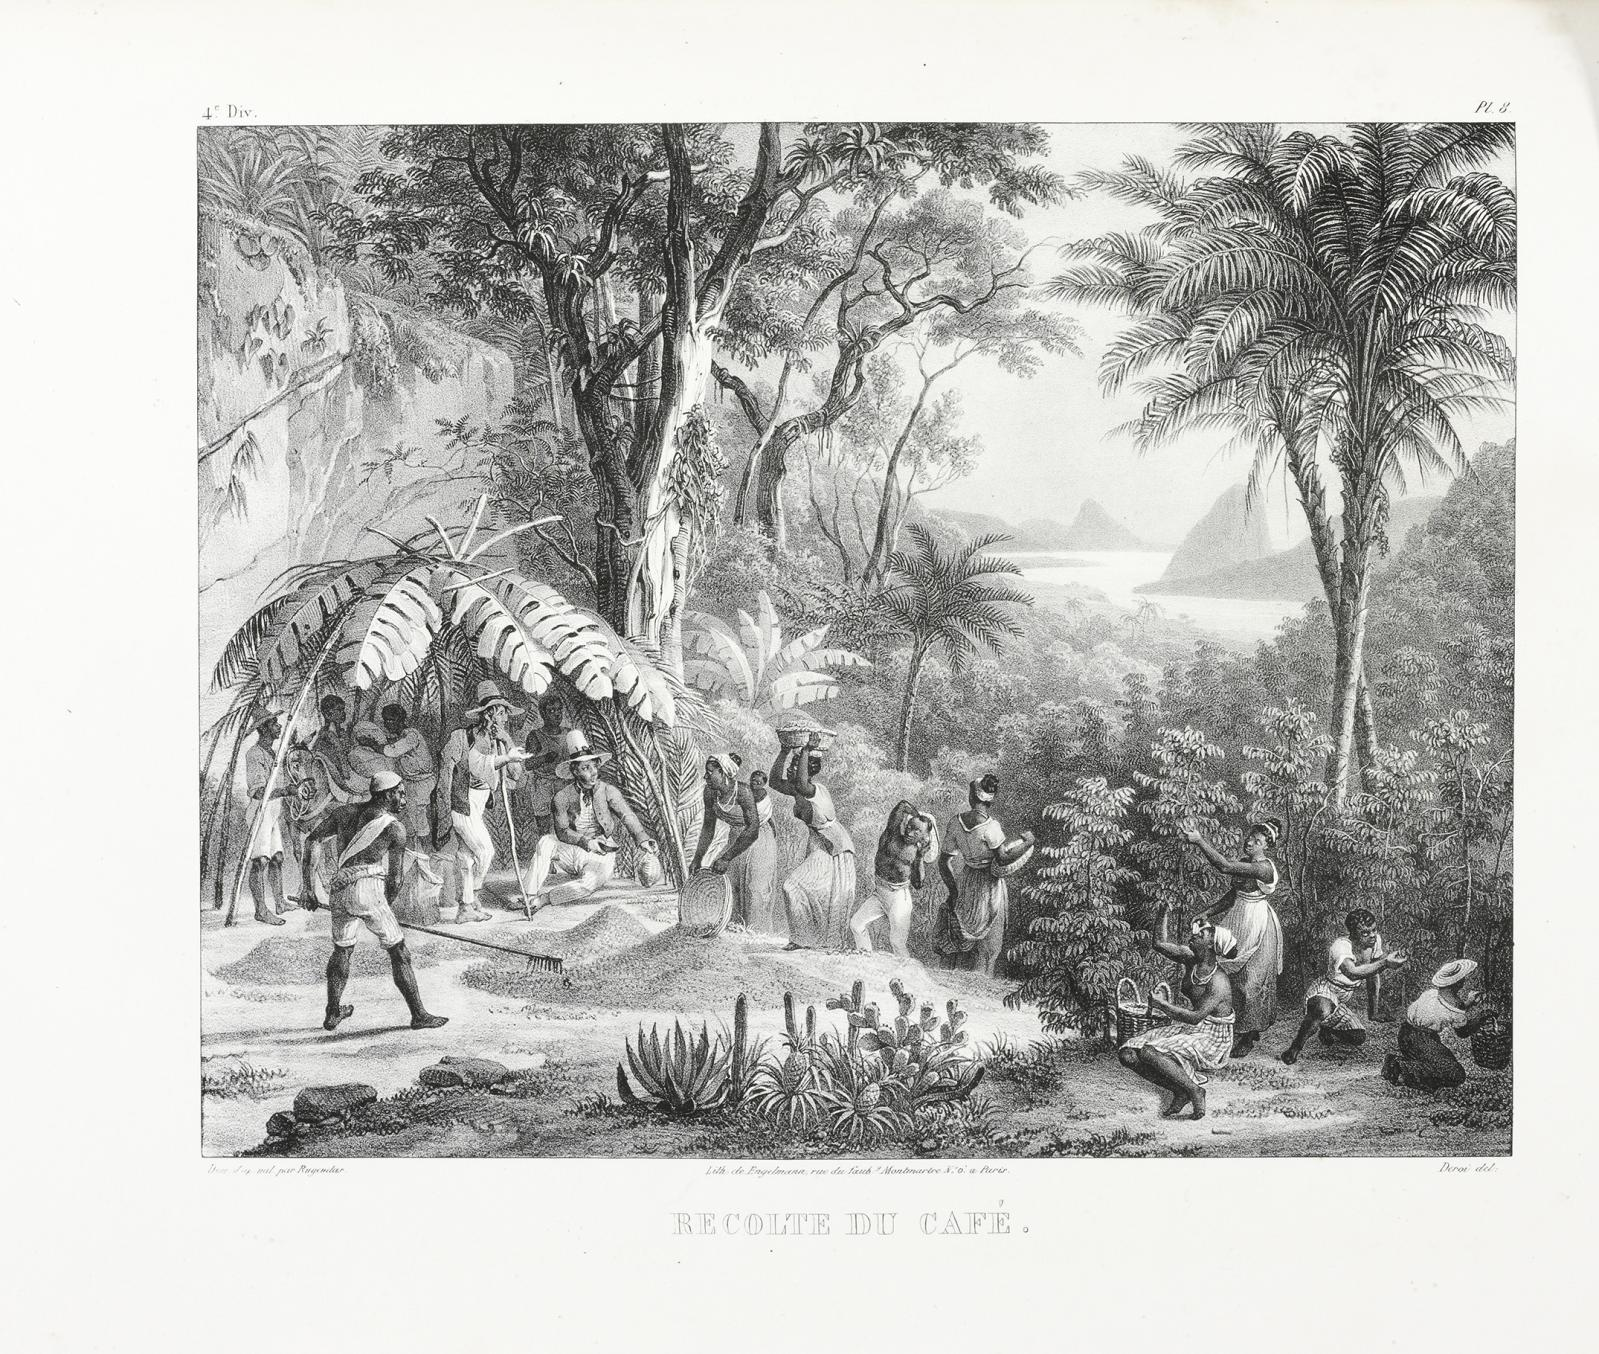 24375€Maurice Rugendas (1802-1858), Voyage pittoresque dans le Brésil, Engelmann & Cie, 1835, in-folio, 100 lithographies d'après les compositions e